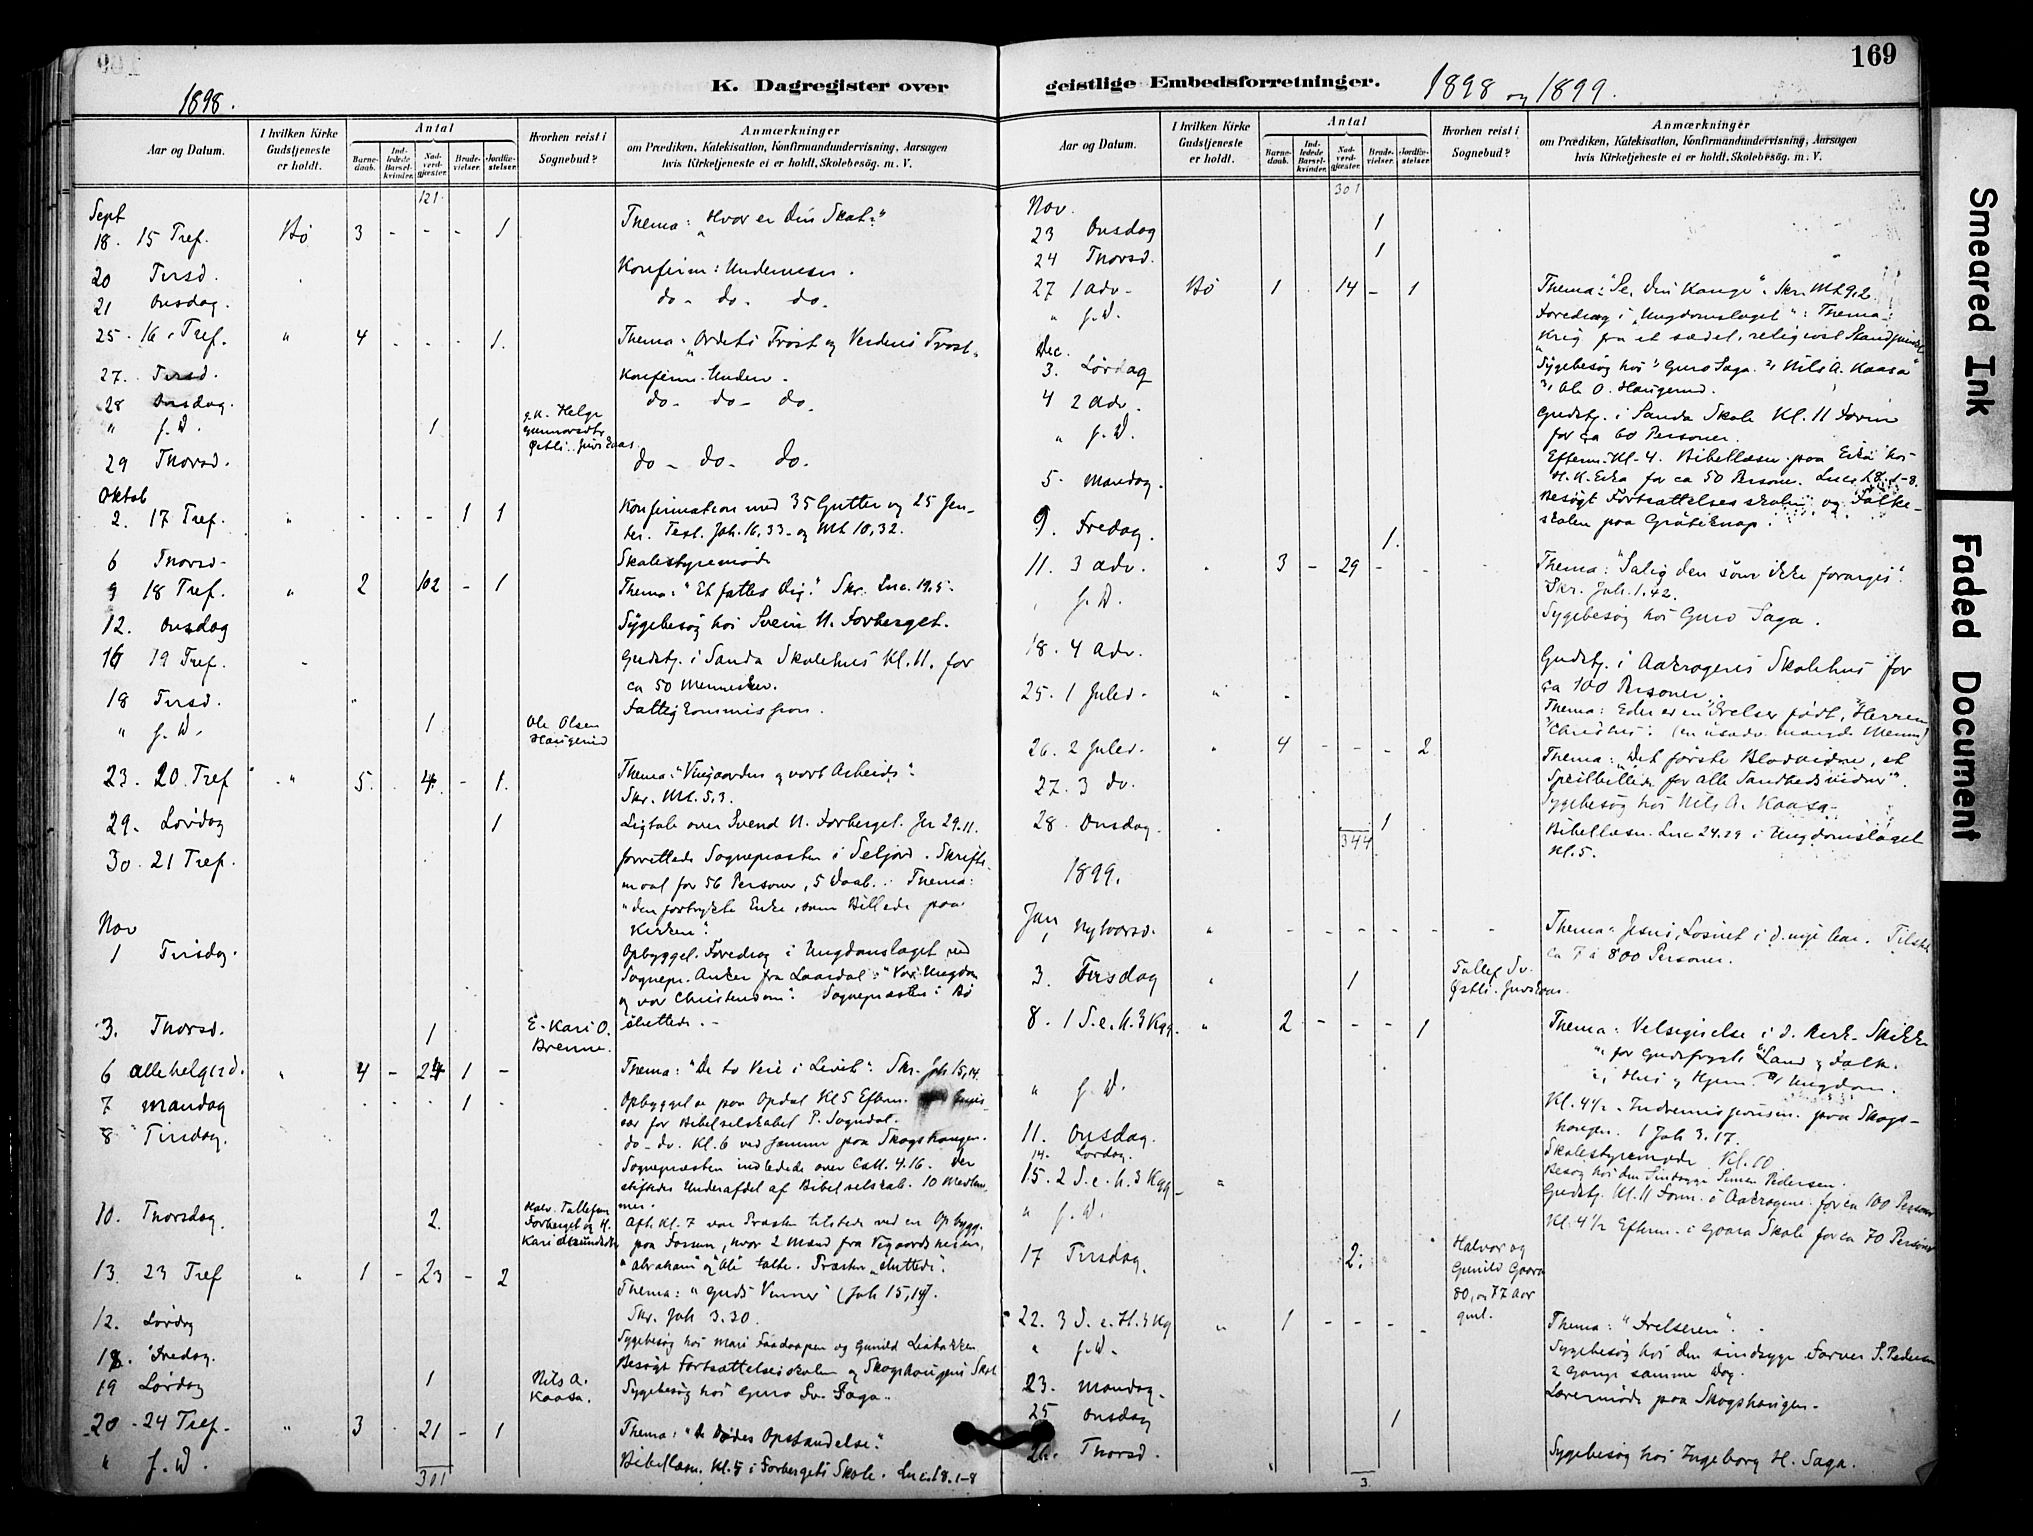 SAKO, Bø kirkebøker, F/Fa/L0011: Ministerialbok nr. 11, 1892-1900, s. 169